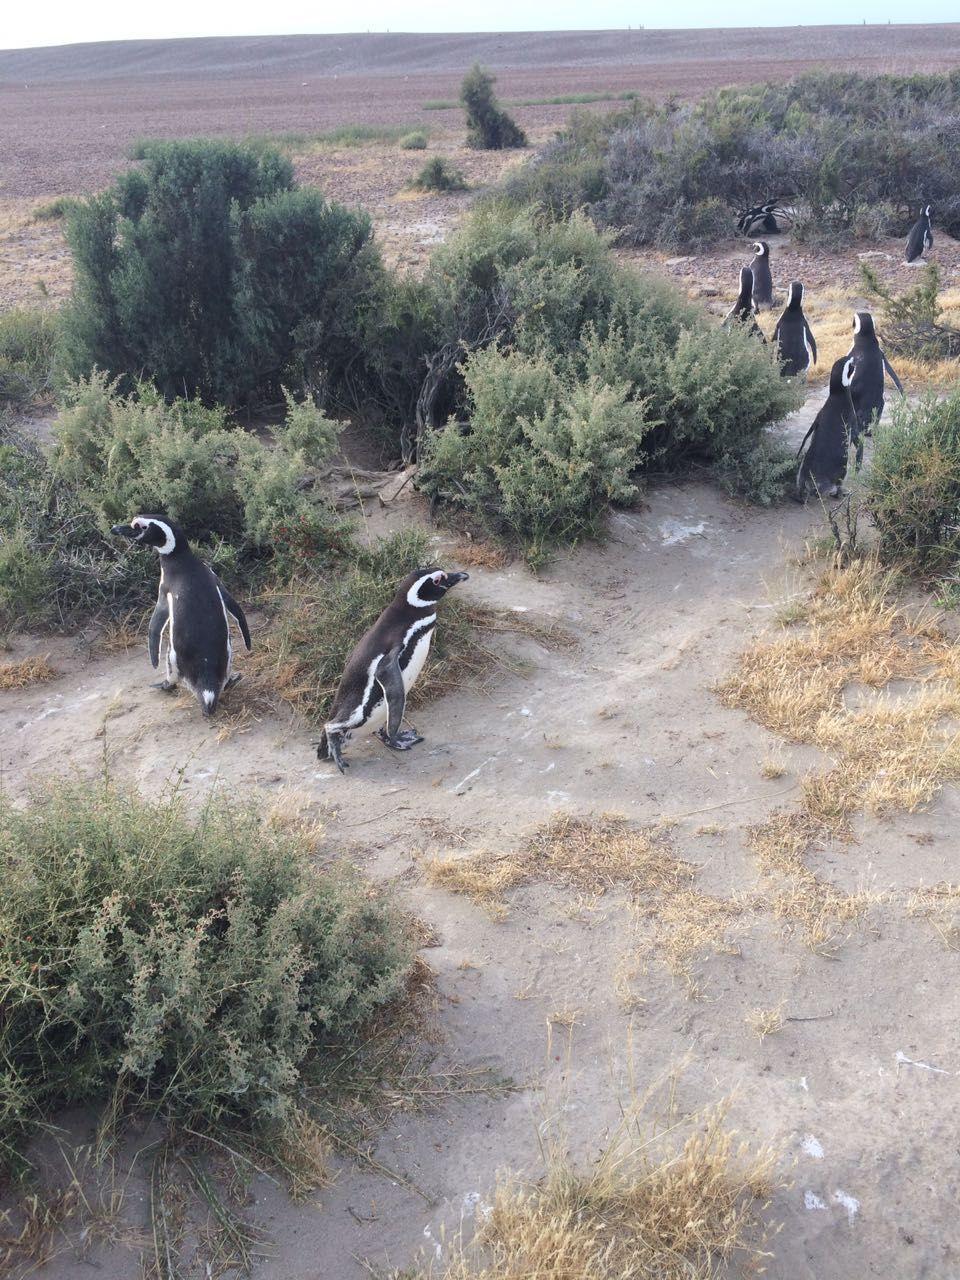 La estancia El Pedral tiene como gran atracción una pingüinera con 1800 parejas de estos animales